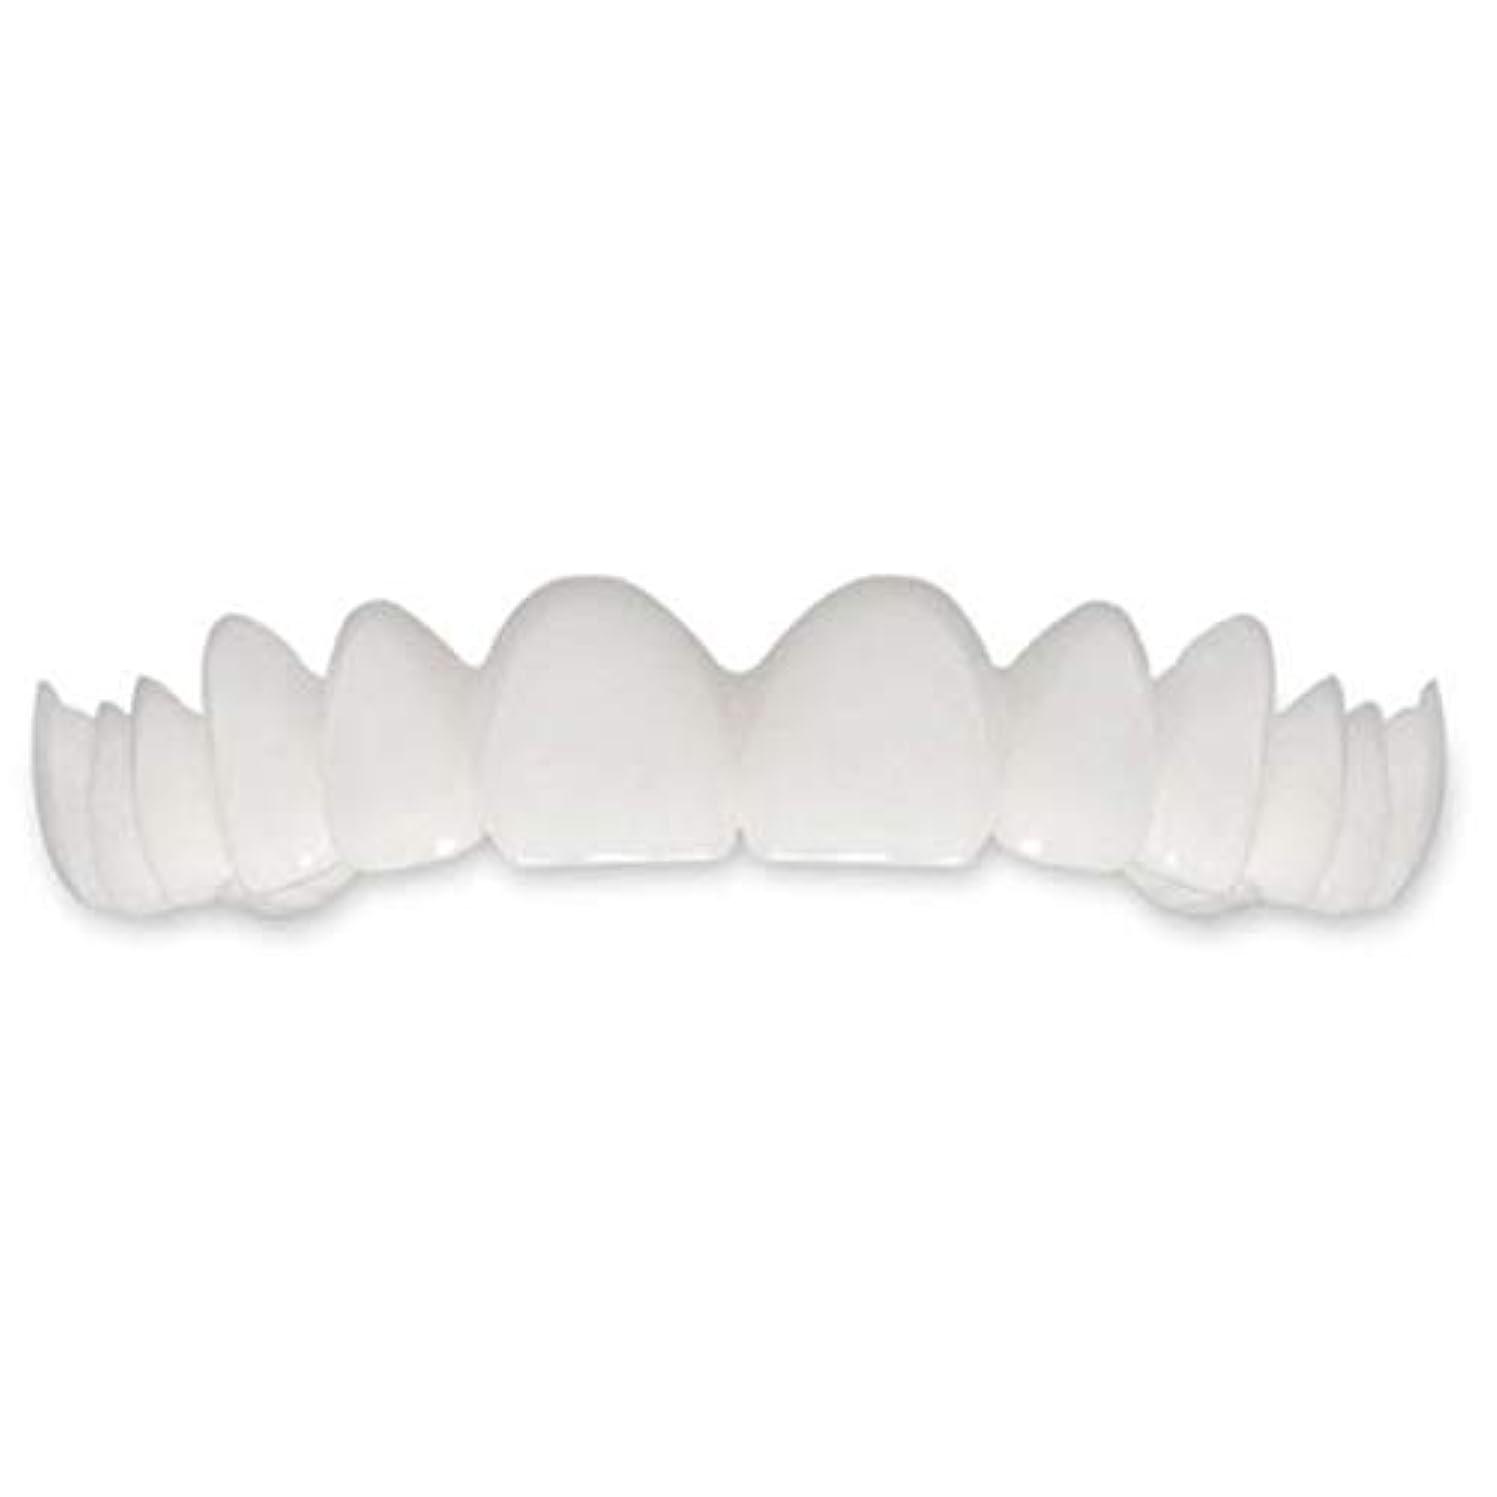 批判ゴージャス気まぐれなTooth Instant Perfect Smile Flex Teeth Whitening Smile False Teeth Cover-ホワイト